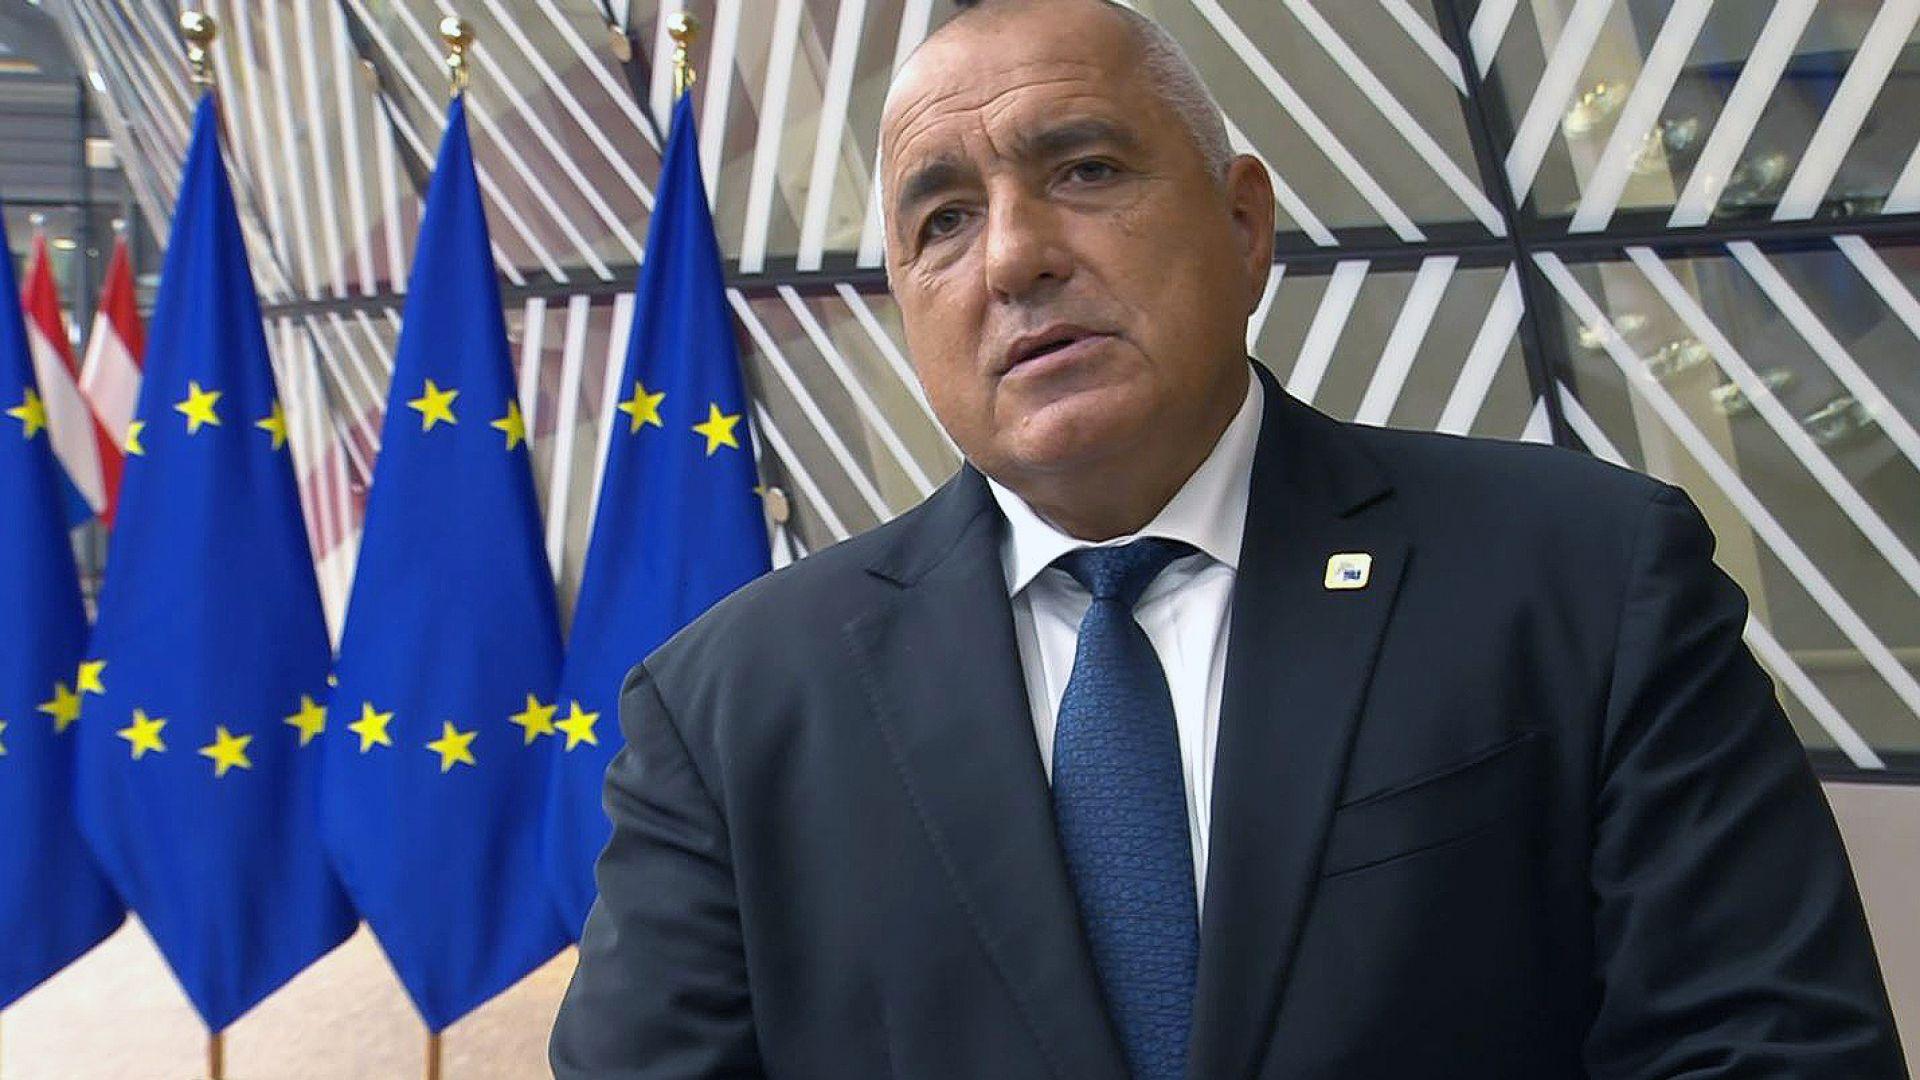 Борисов от Брюксел: Карантината в България ще бъде намалена на 10 дни